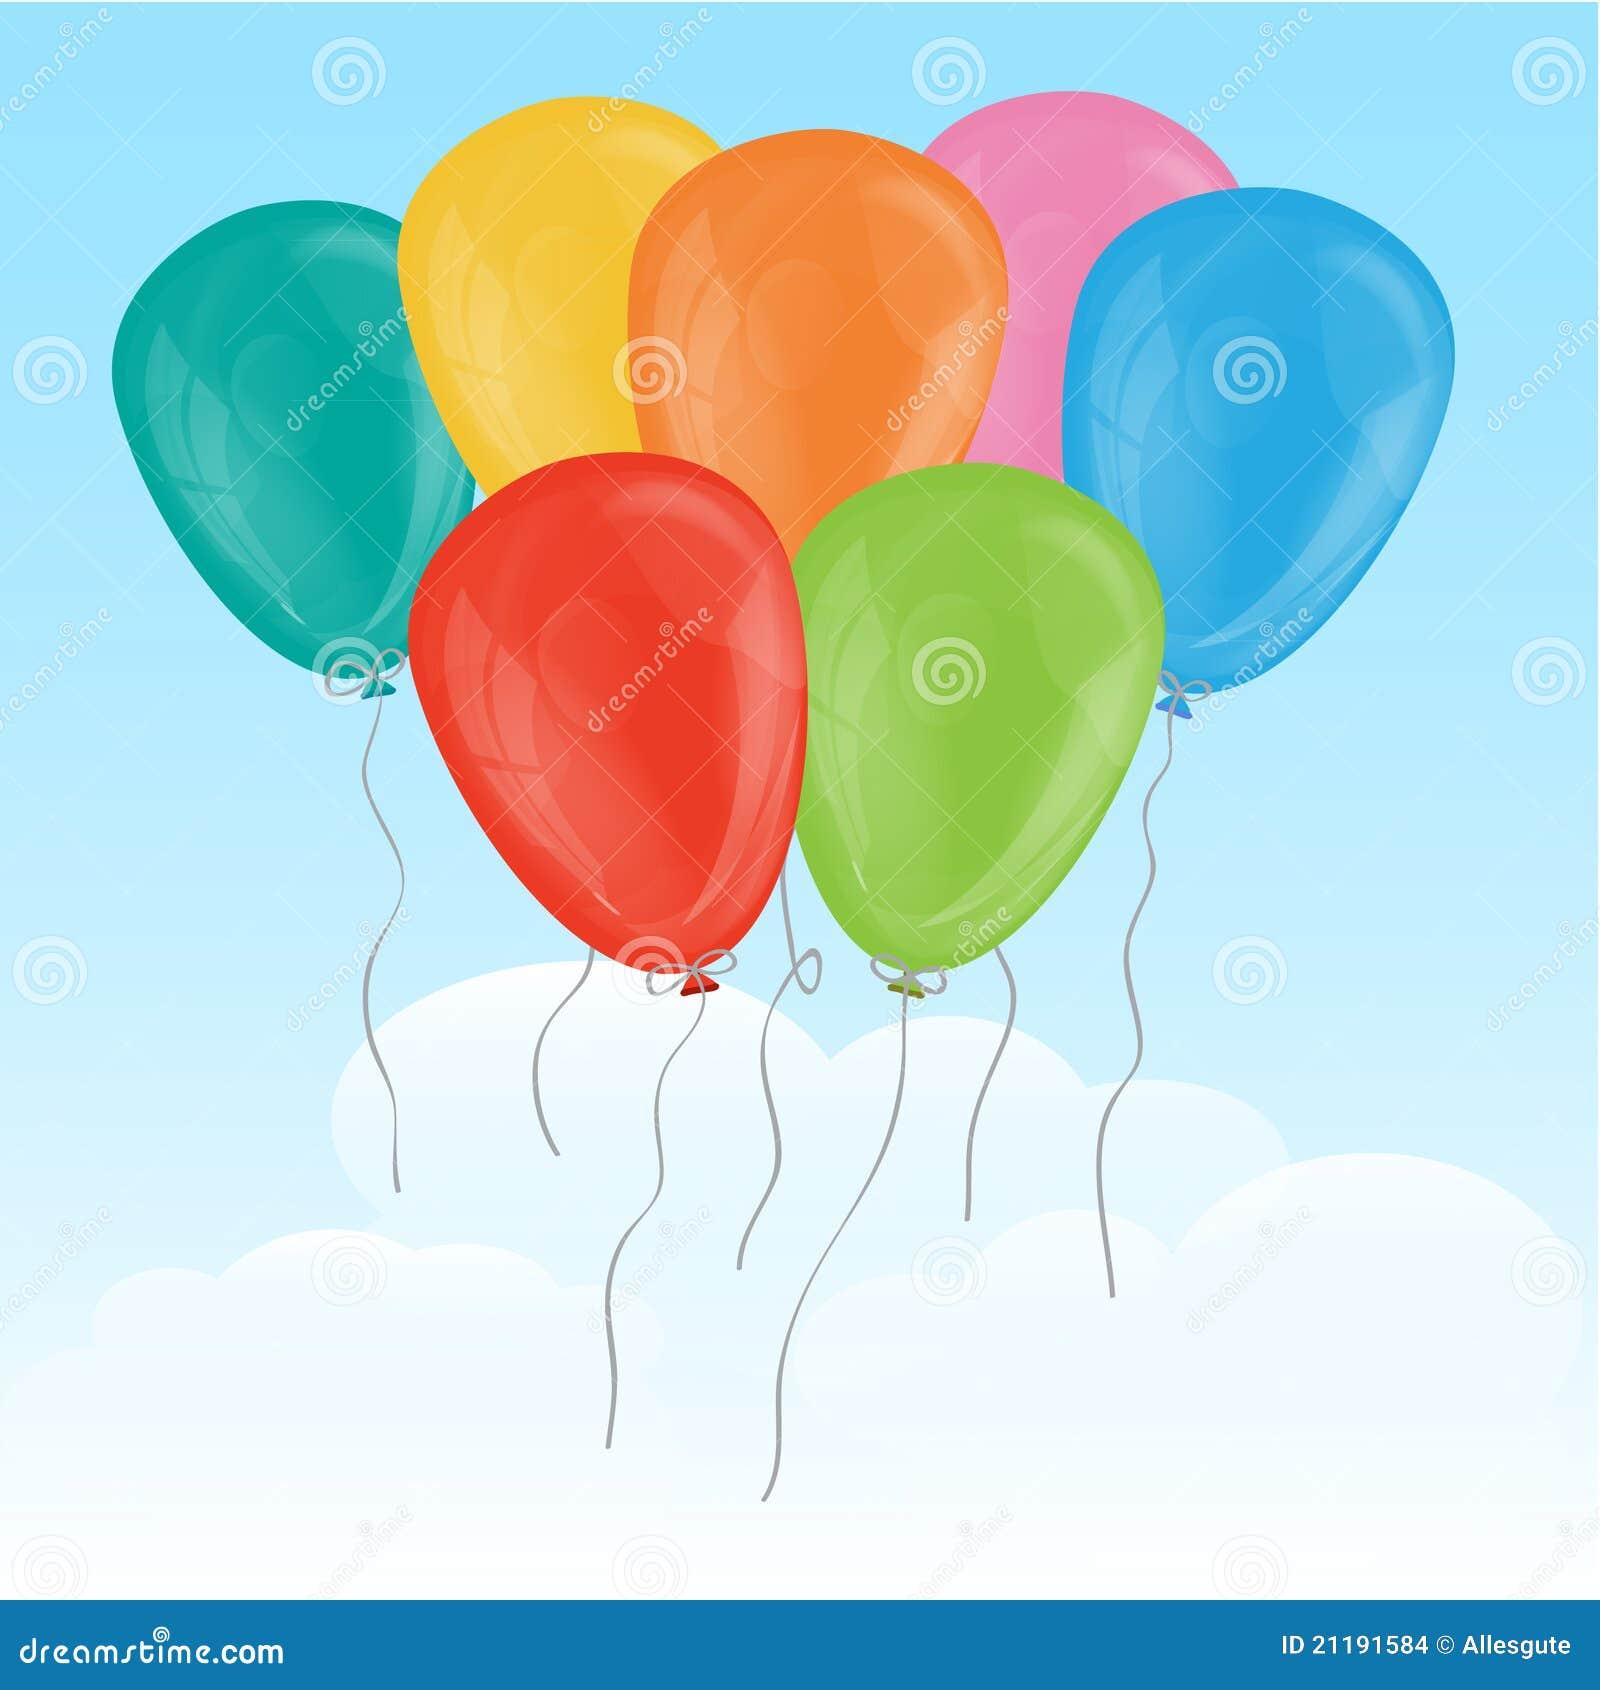 Seven Balloons